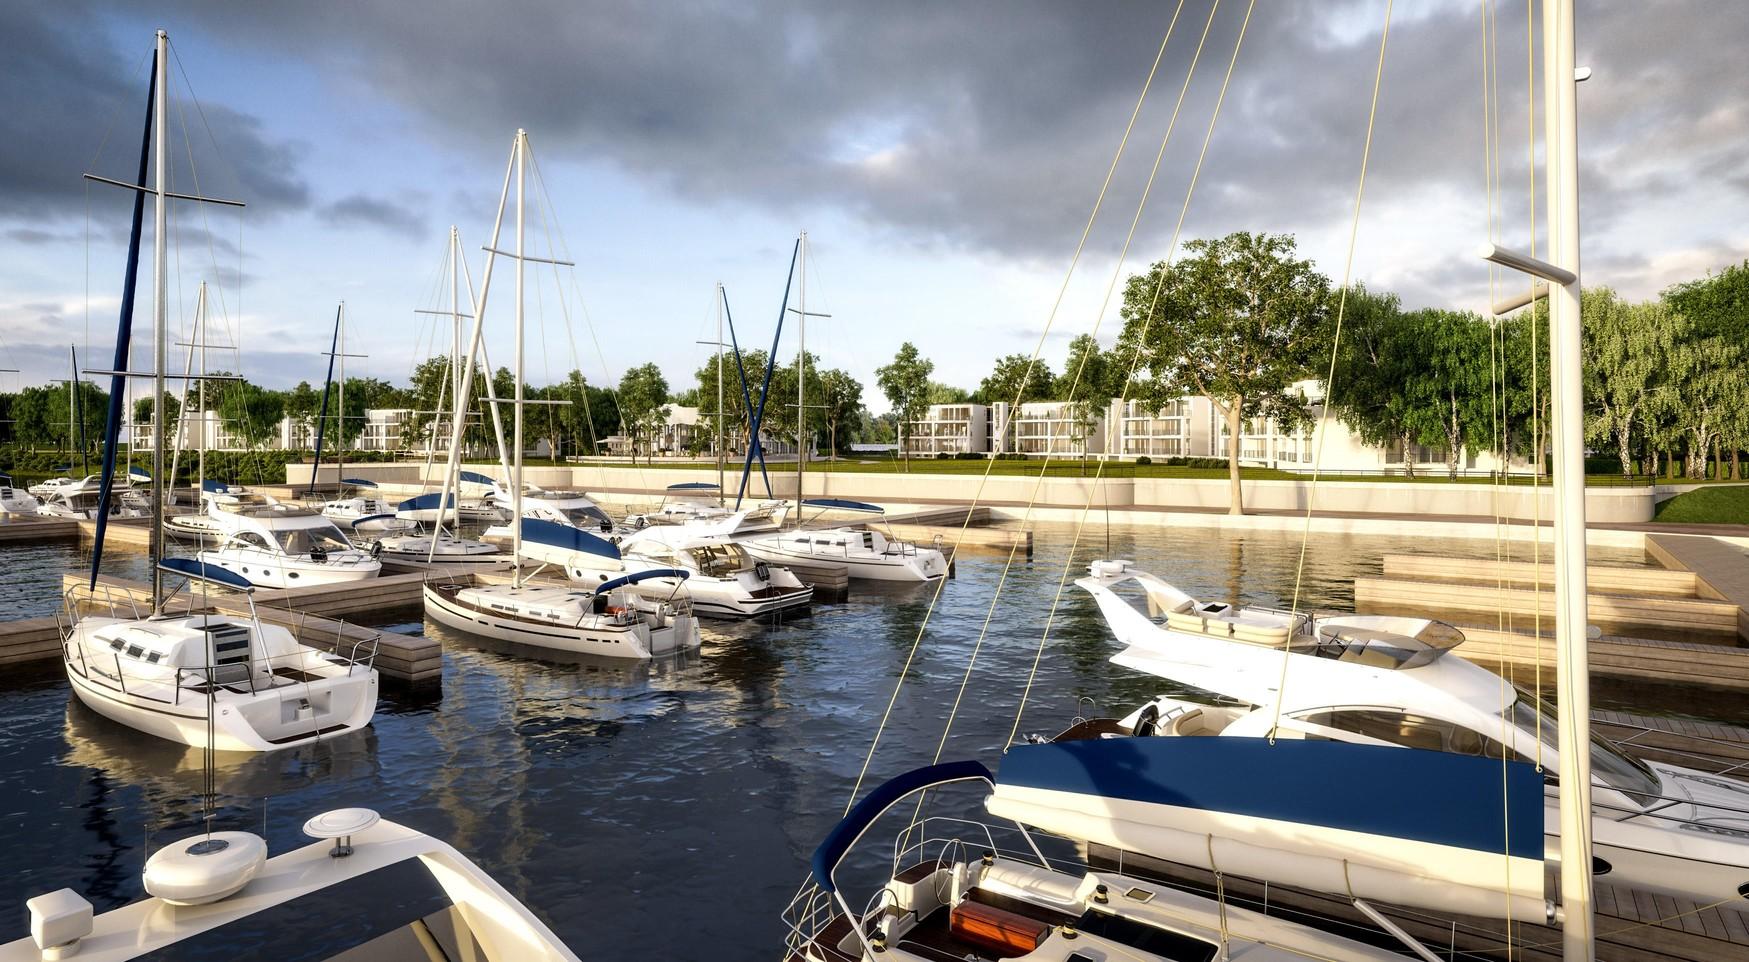 Yachthafen Resort und Spa in Waren (Müritz), Objektbeschreibung Bild 3